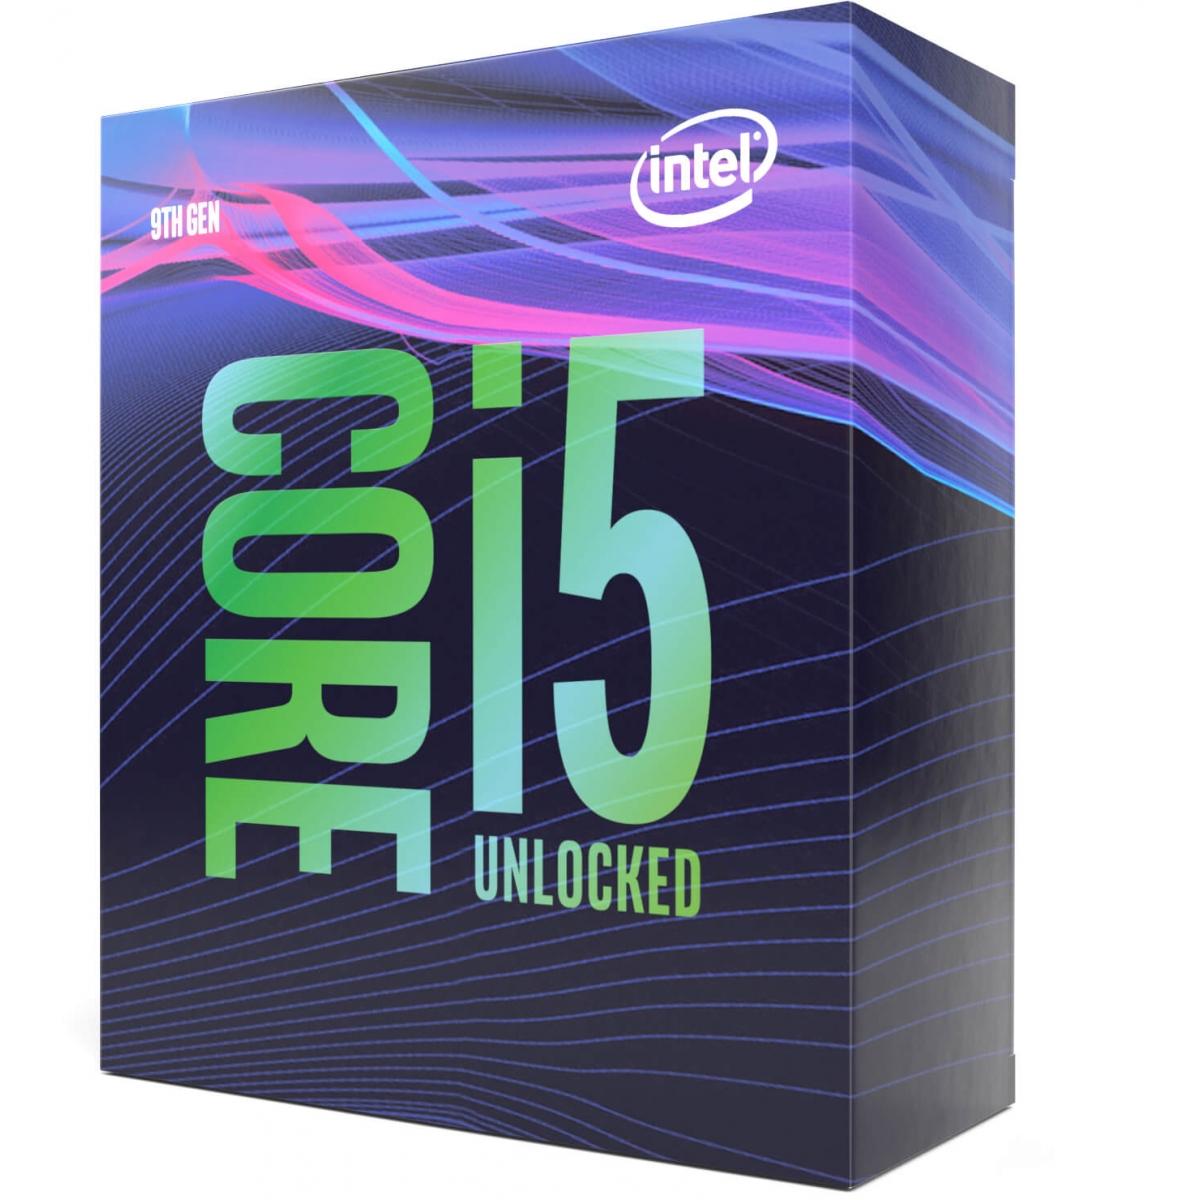 Processador Intel Core i5 9600K 3.70GHz (4.60GHz Turbo), 9ª Geração, 6-Core 6-Thread, LGA 1151, BX80684I59600K